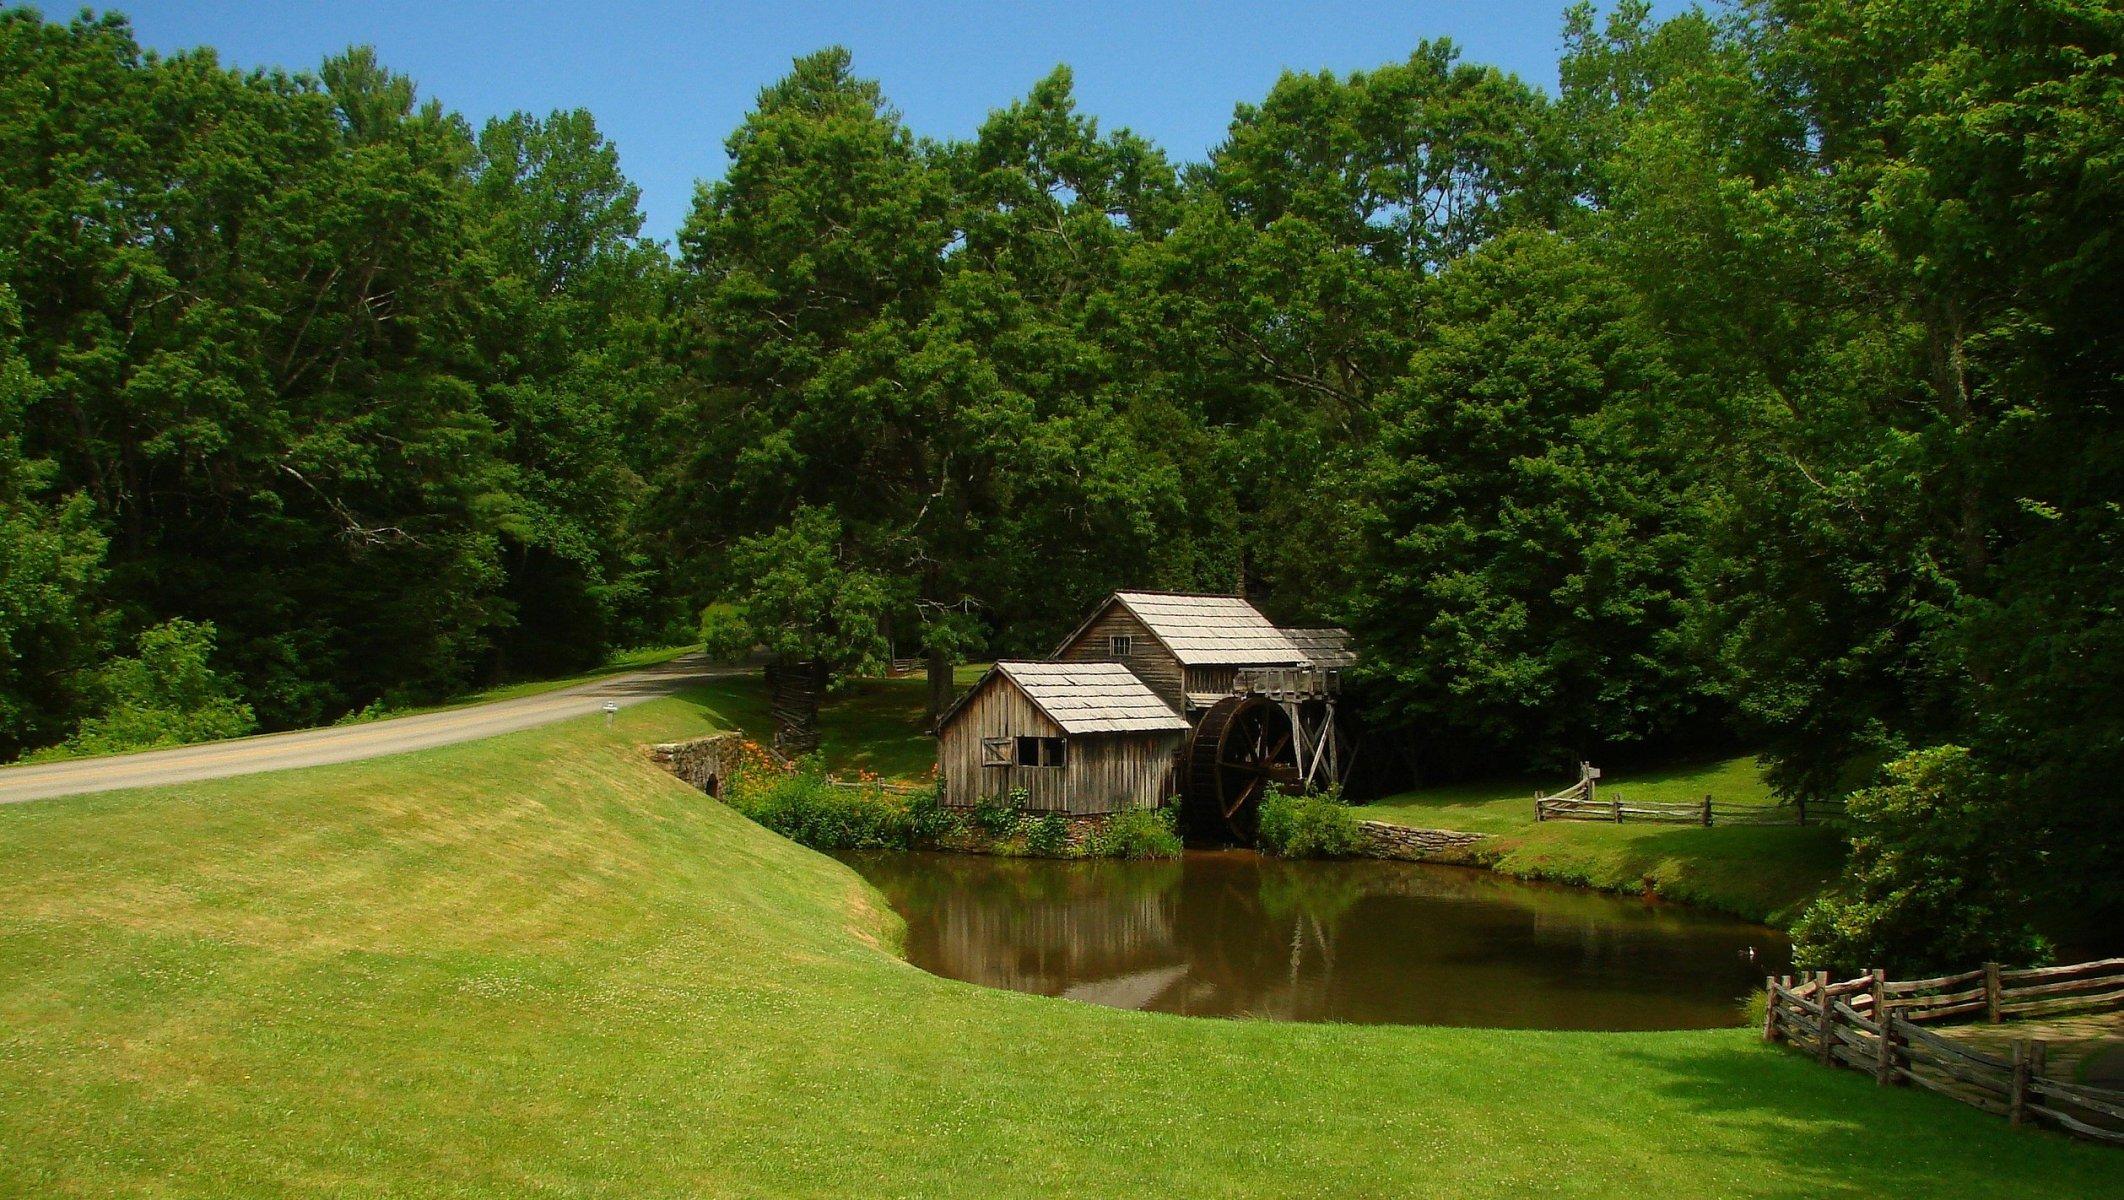 природа озеро дом лес деревья  № 2447897 бесплатно